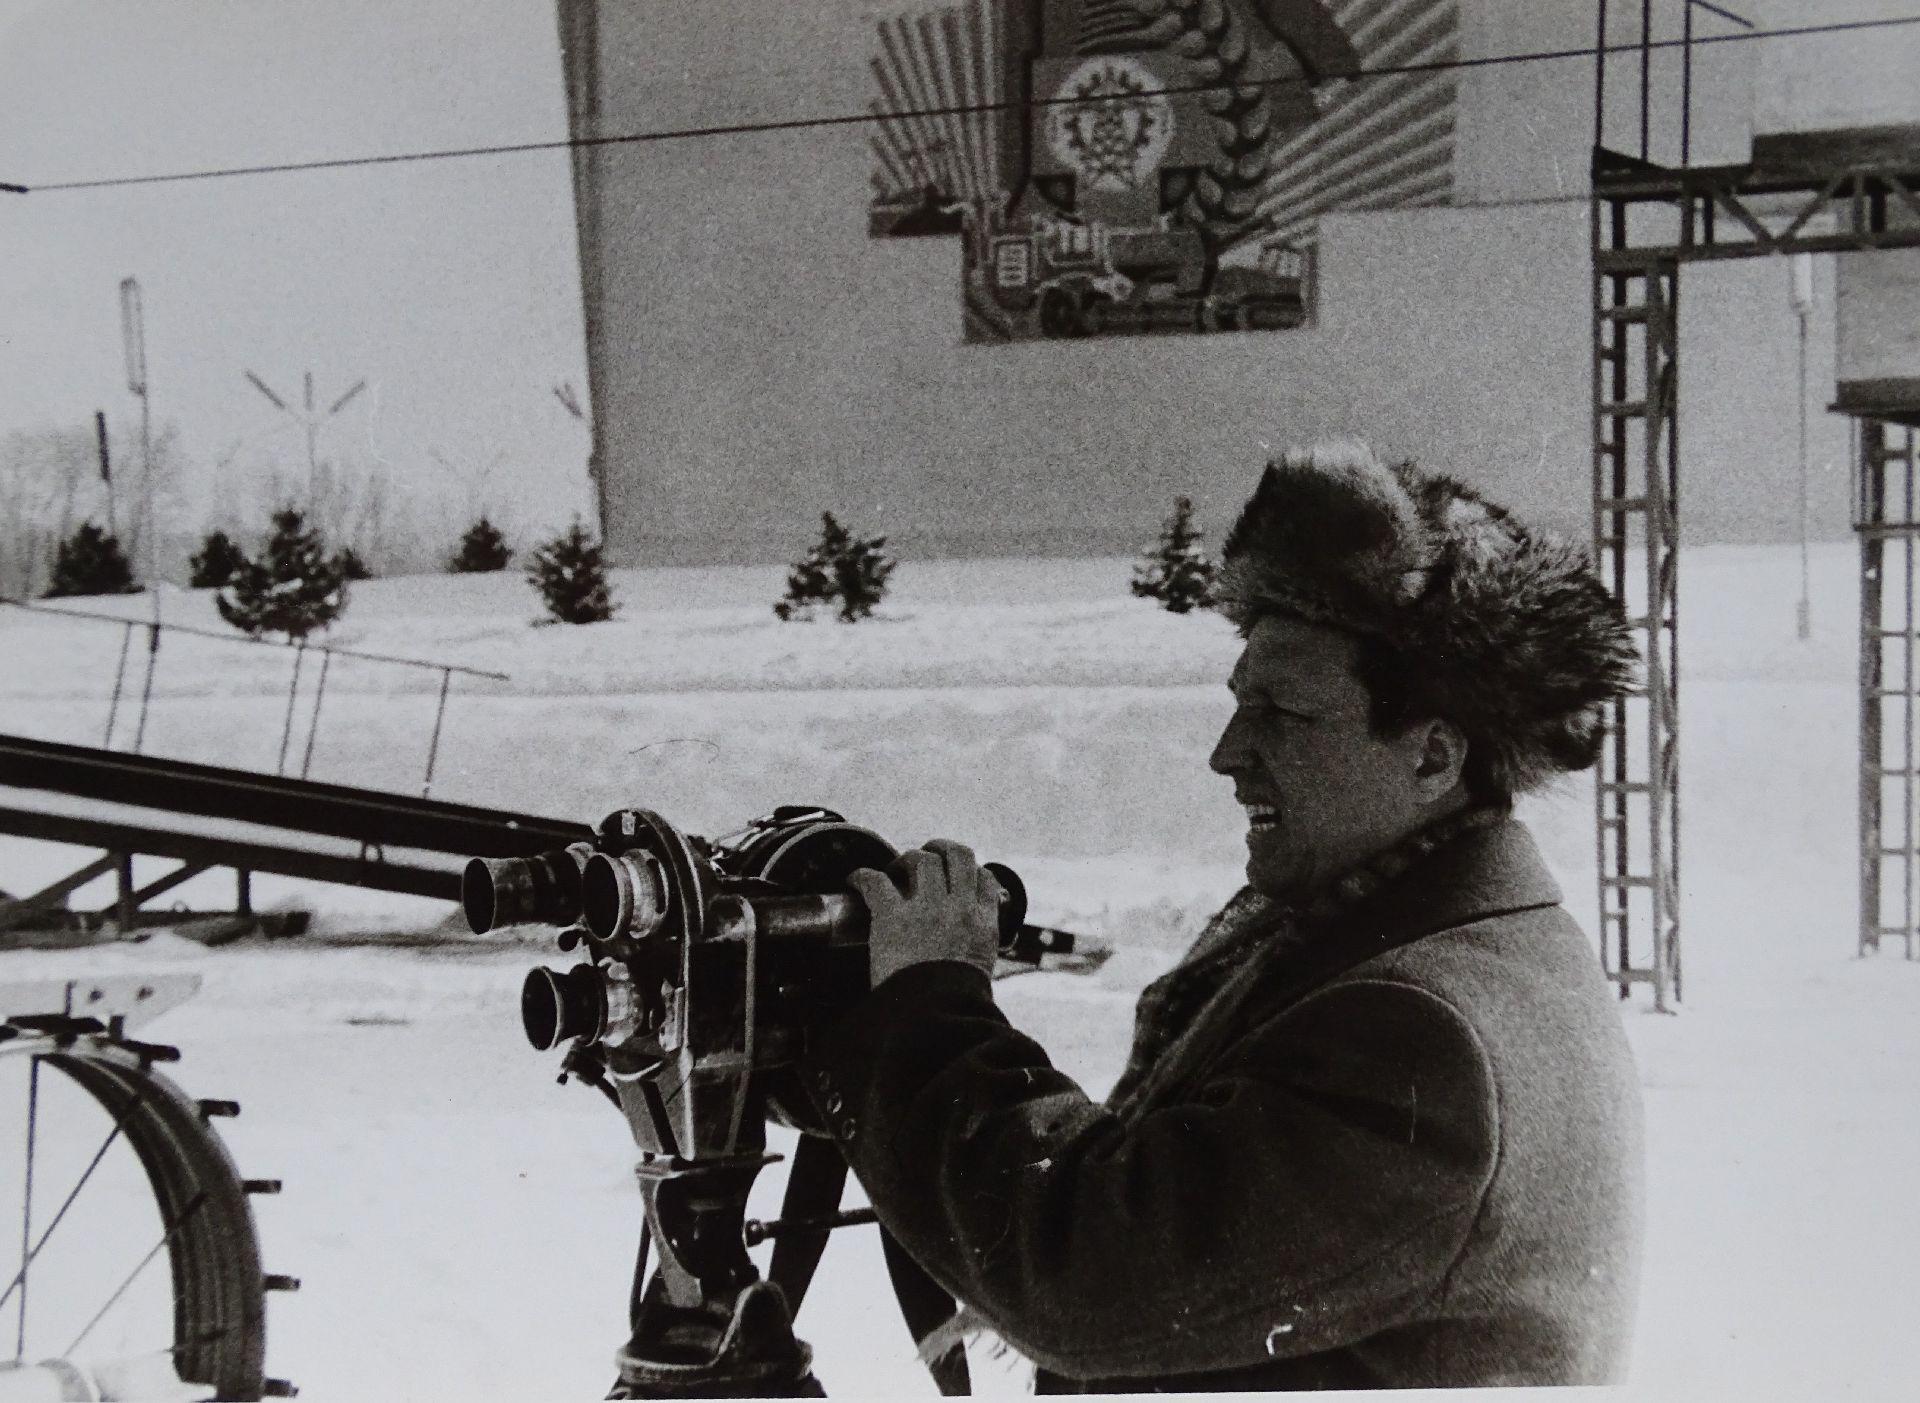 Экспонат #11. Алма-Ата. Февраль 1976 года